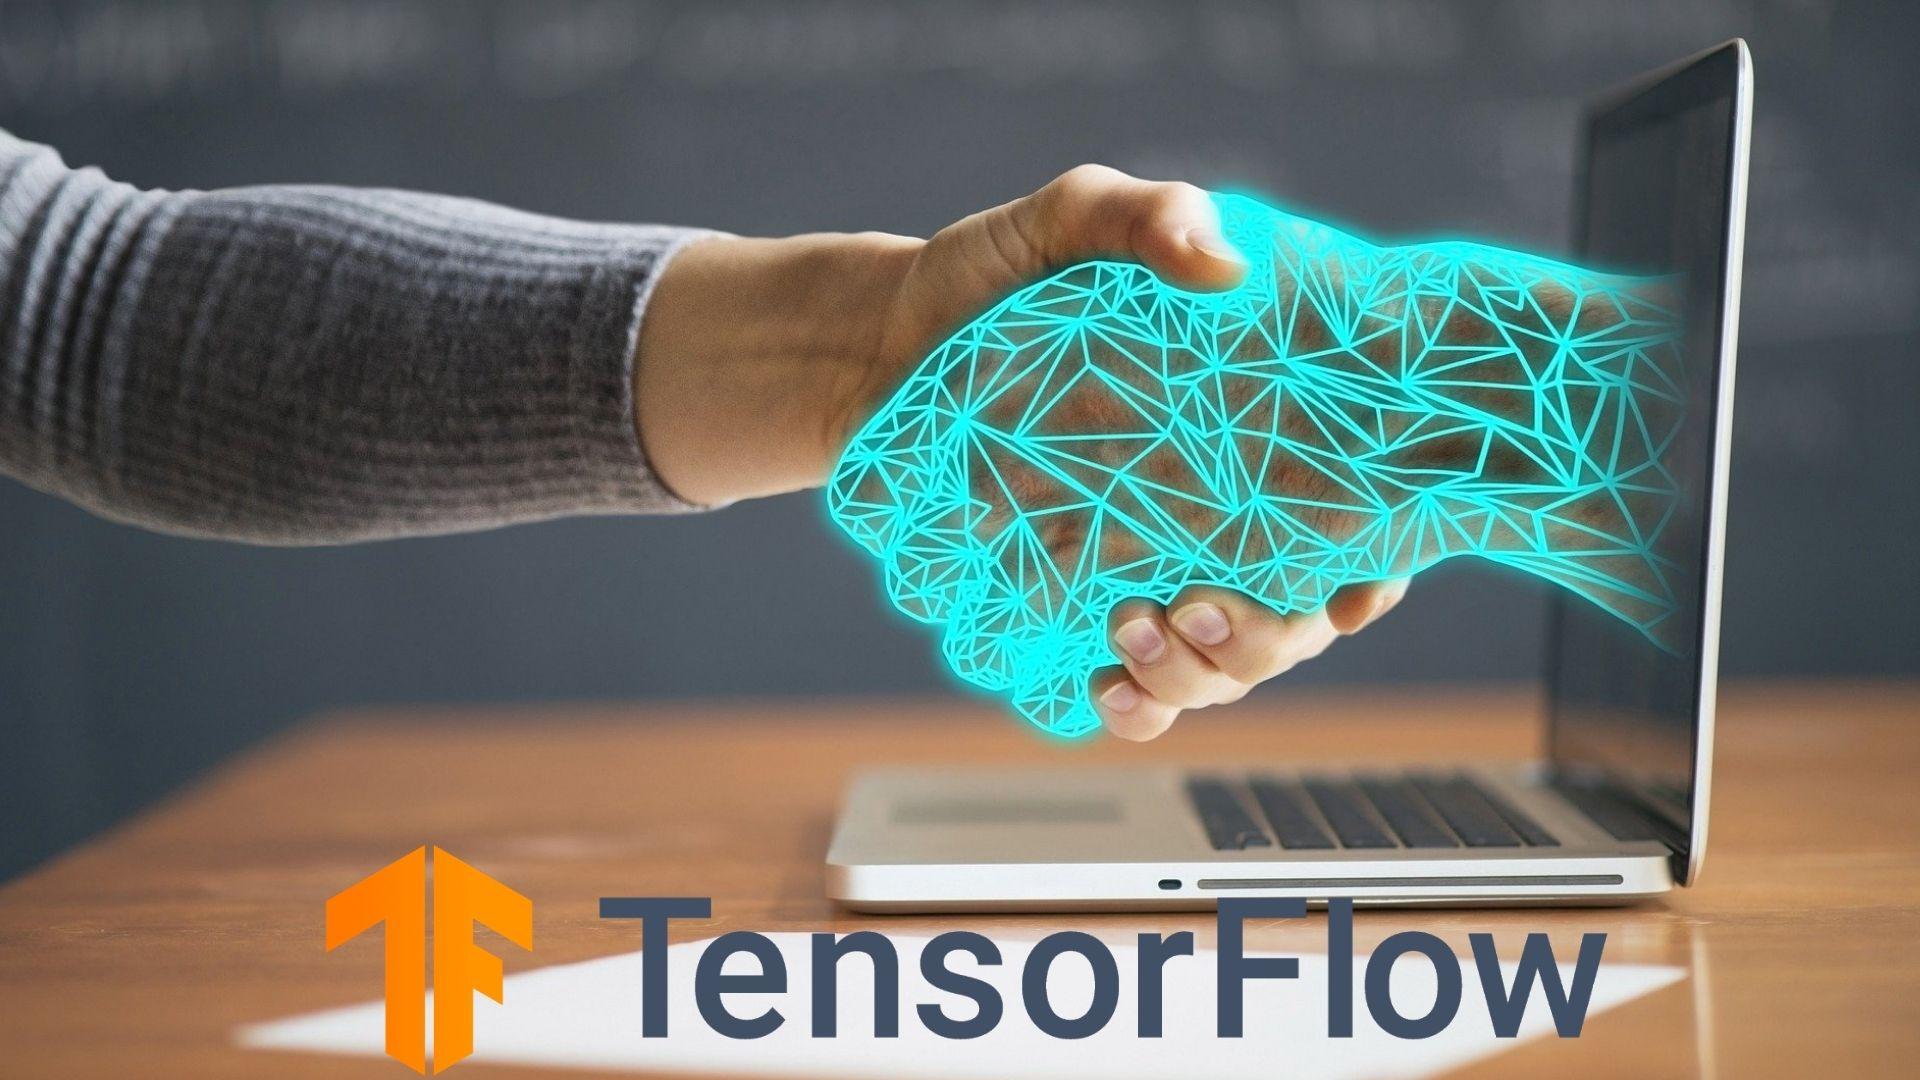 tensorflow tout savoir